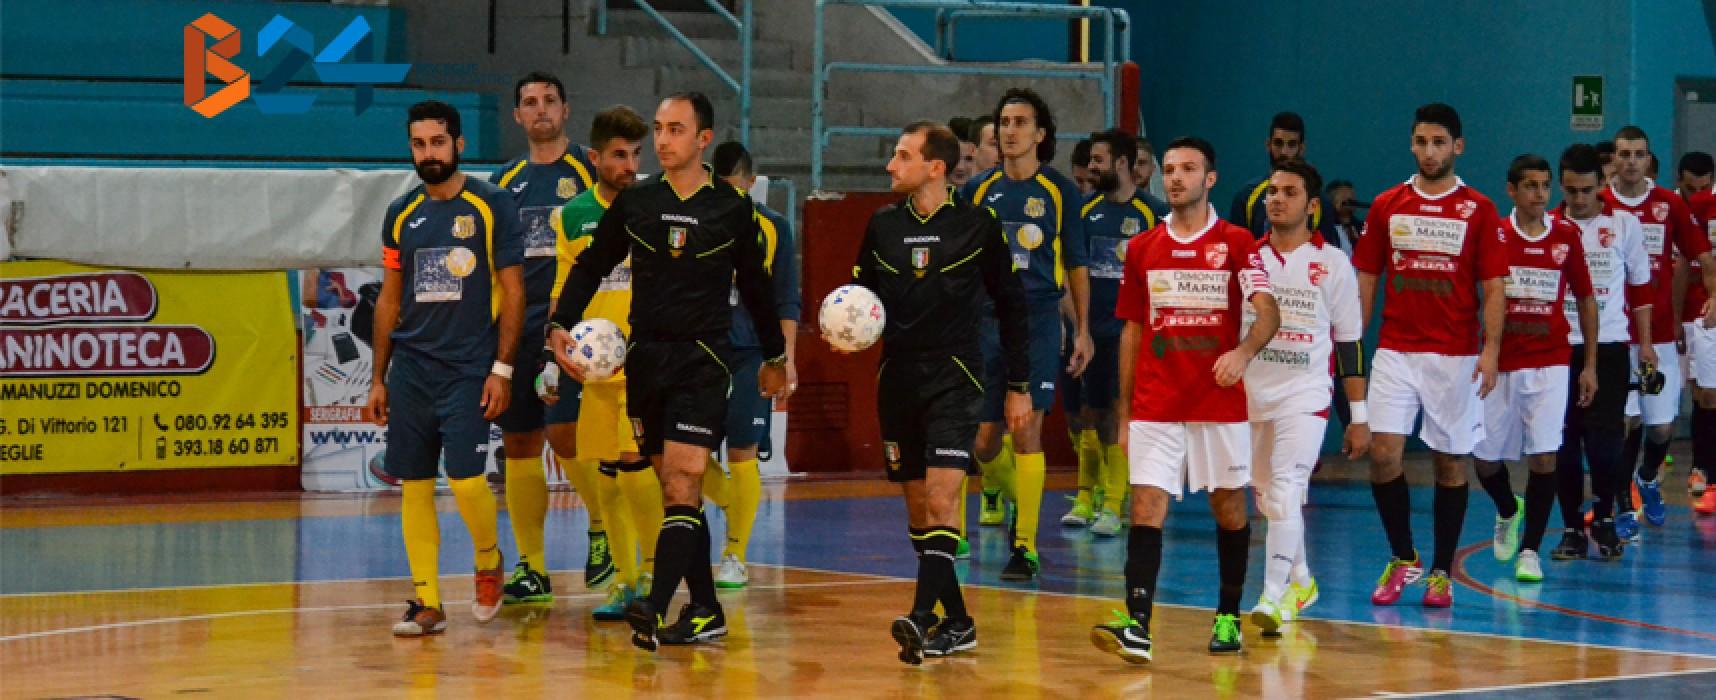 Diaz in casa con il Messapia, Nettuno ospita l'Altamura, occasione Santos in casa del Futsal Club